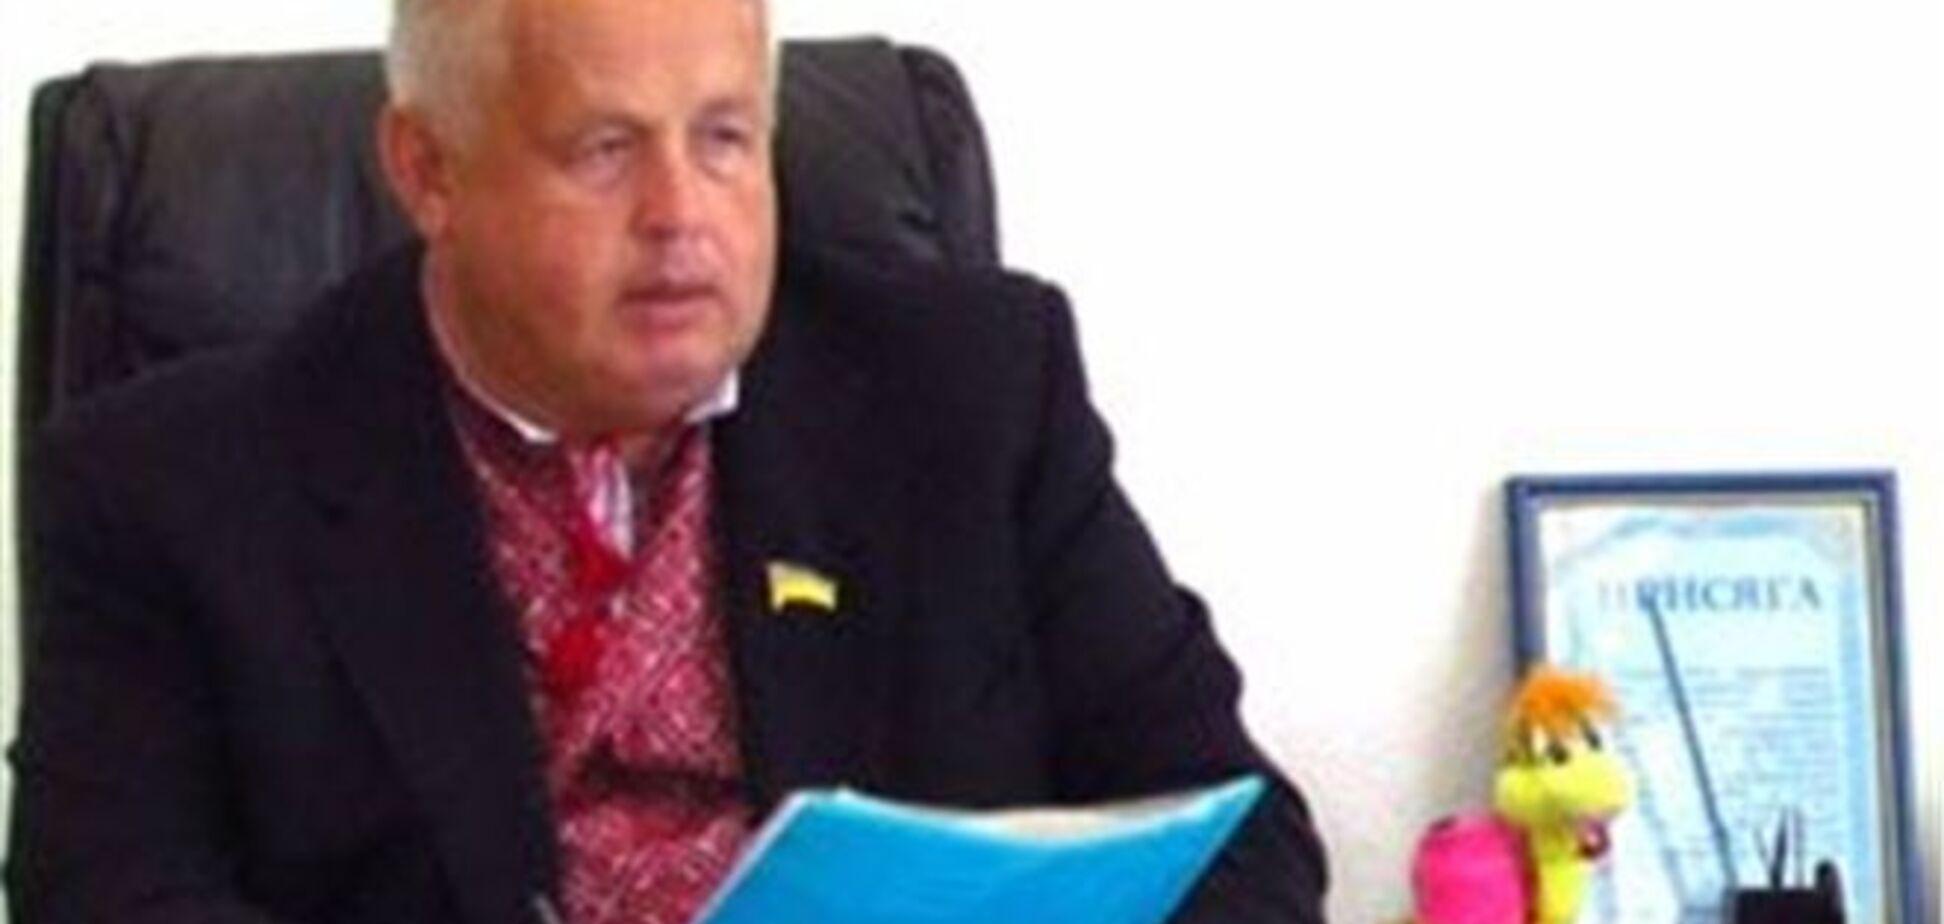 Мер Світловодська заявив про відхід у відставку, але продовжує працювати